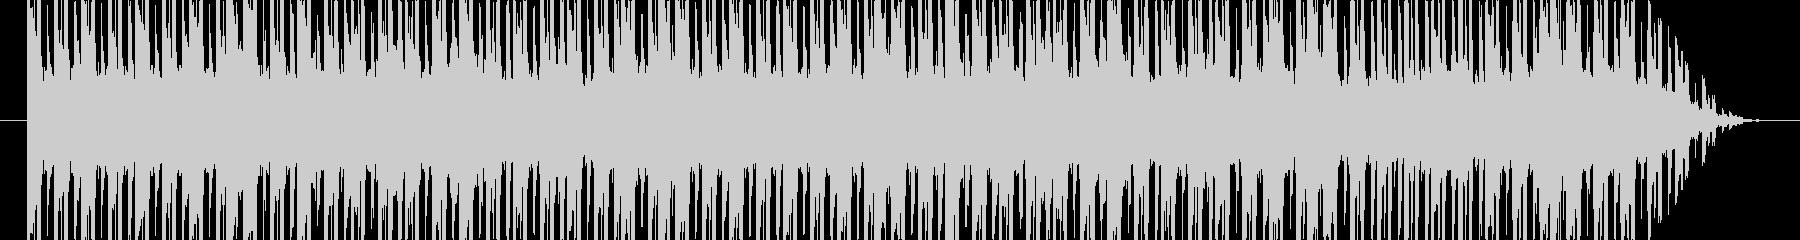 マニアックなコード進行で緊張感を演出の未再生の波形